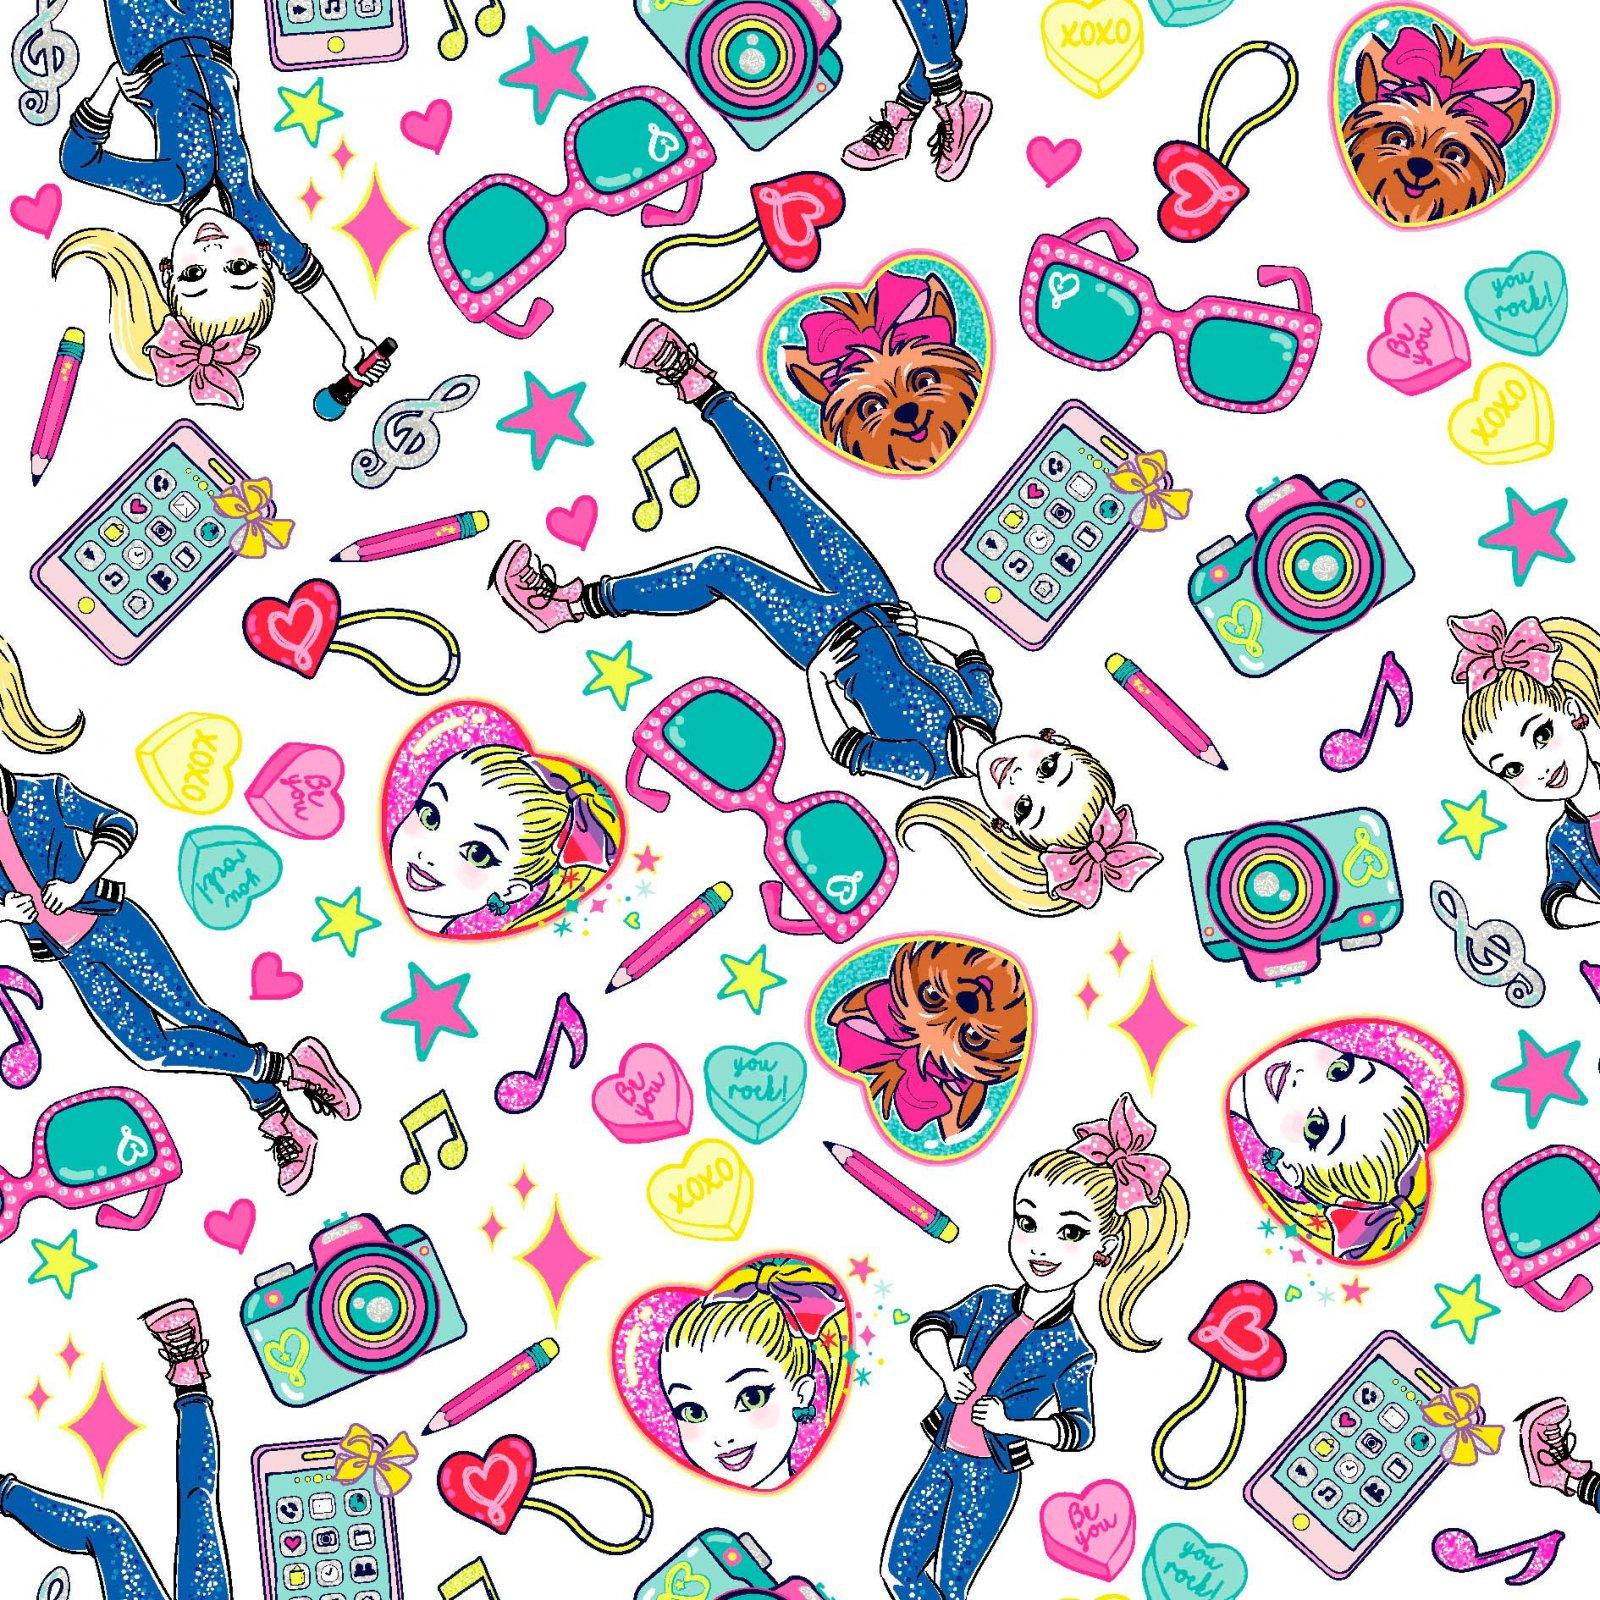 SC-Nickelodeon 73323-A620715 JoJo Tech Toss